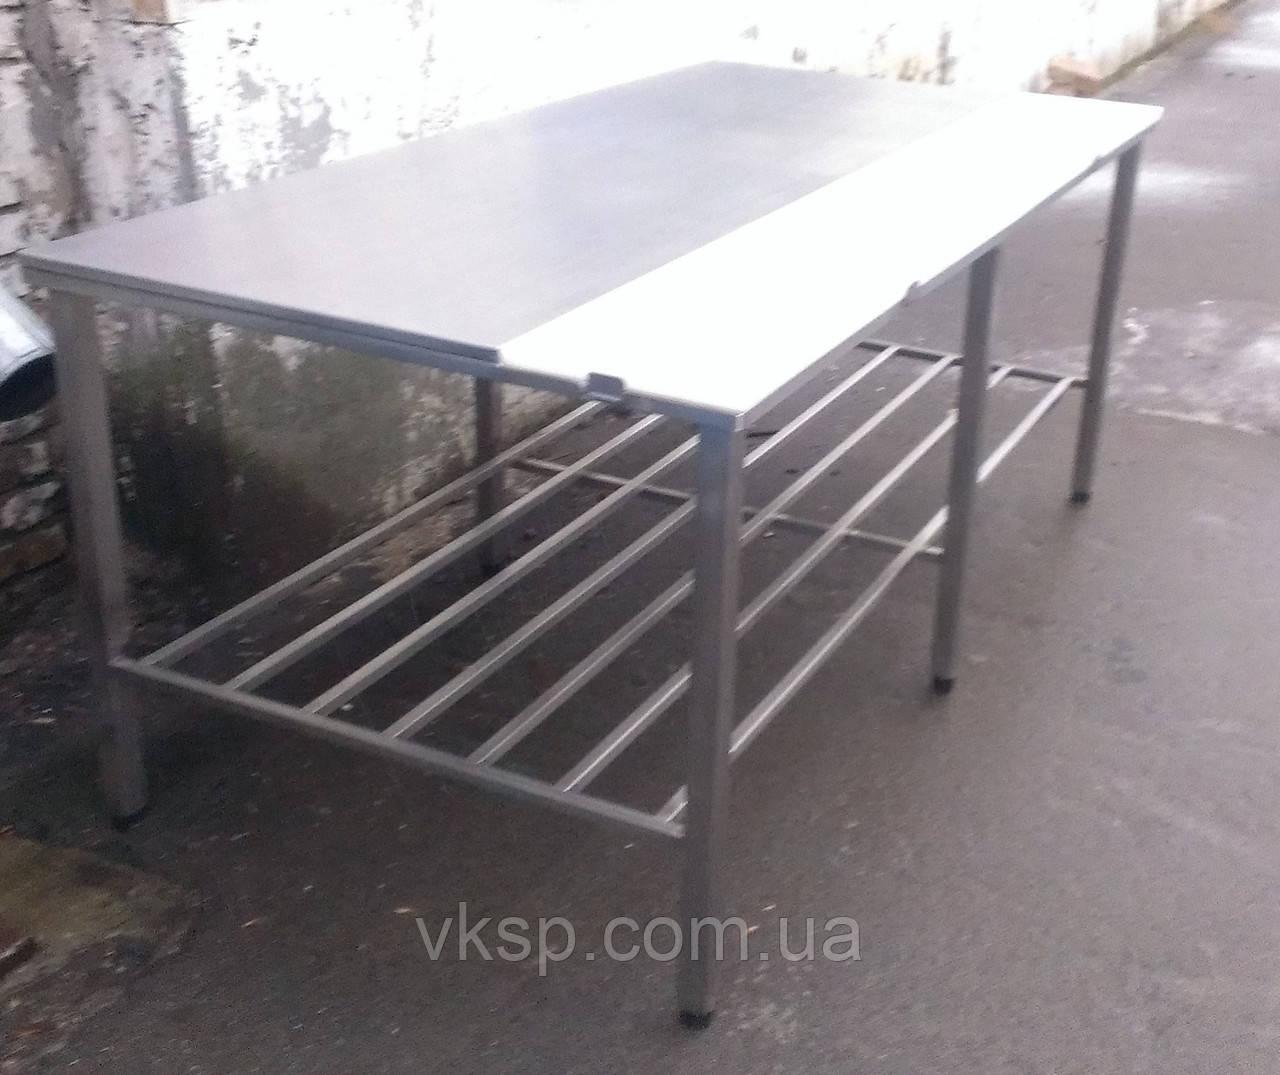 Стол для обвалки мяса усиленный (односторонний обвалочный стол без борта с полкой)